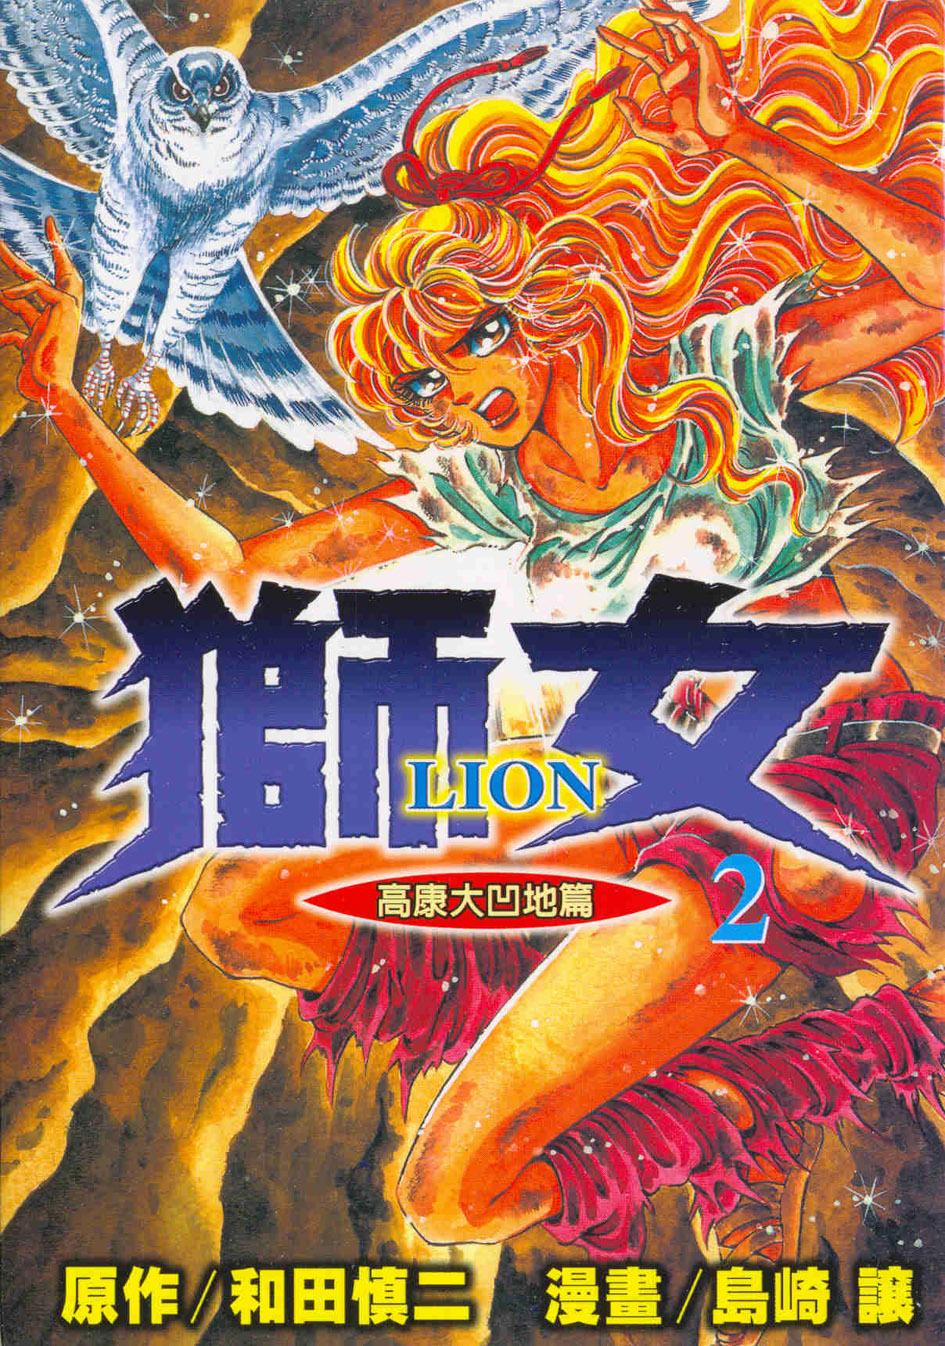 獅女 LION 2